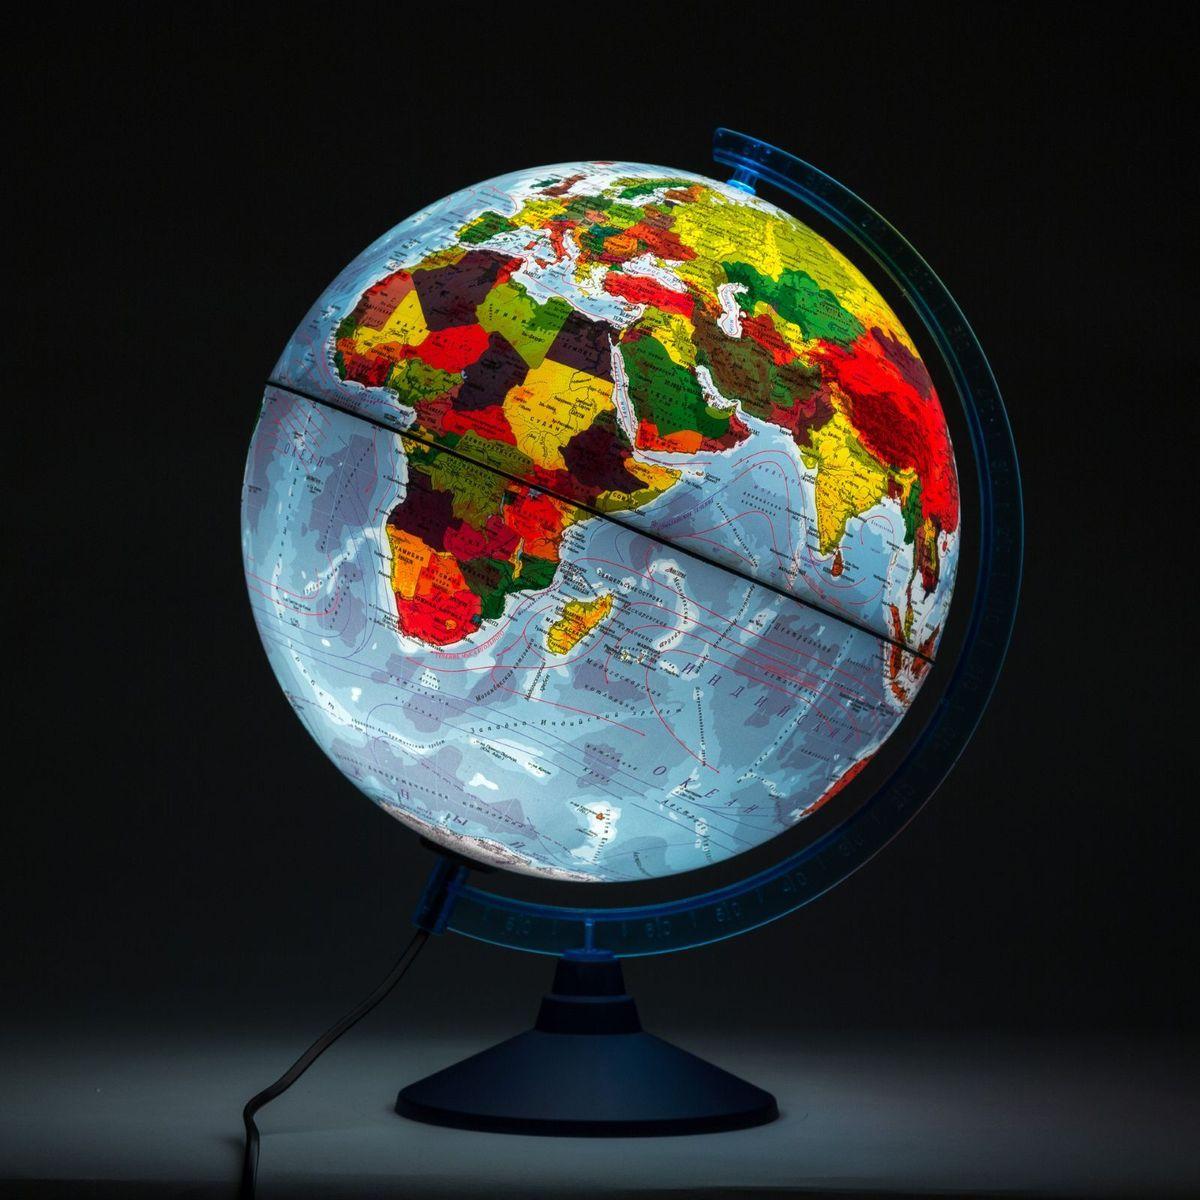 Глобен Глобус физико-политический Классик Евро с подсветкой диаметр 32 см Globen